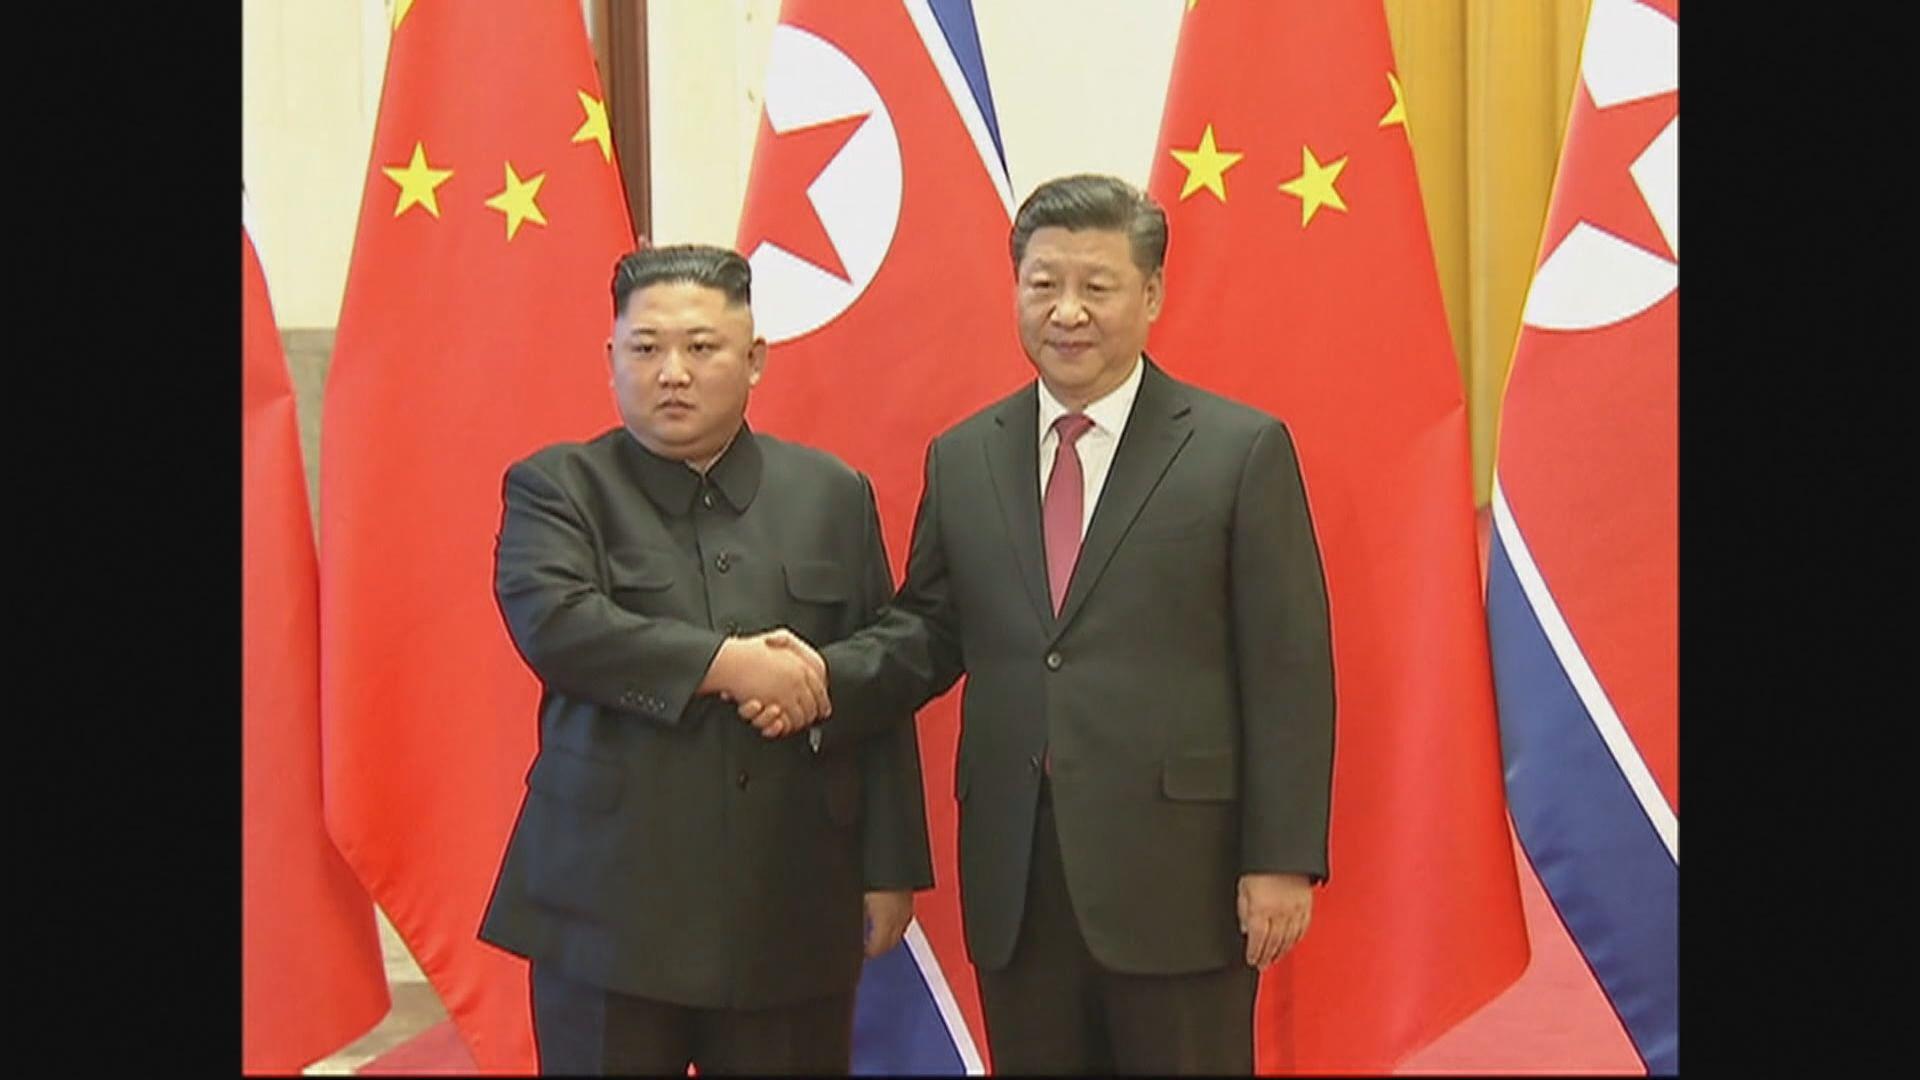 習近平周四起國事訪問北韓 將與金正恩會面